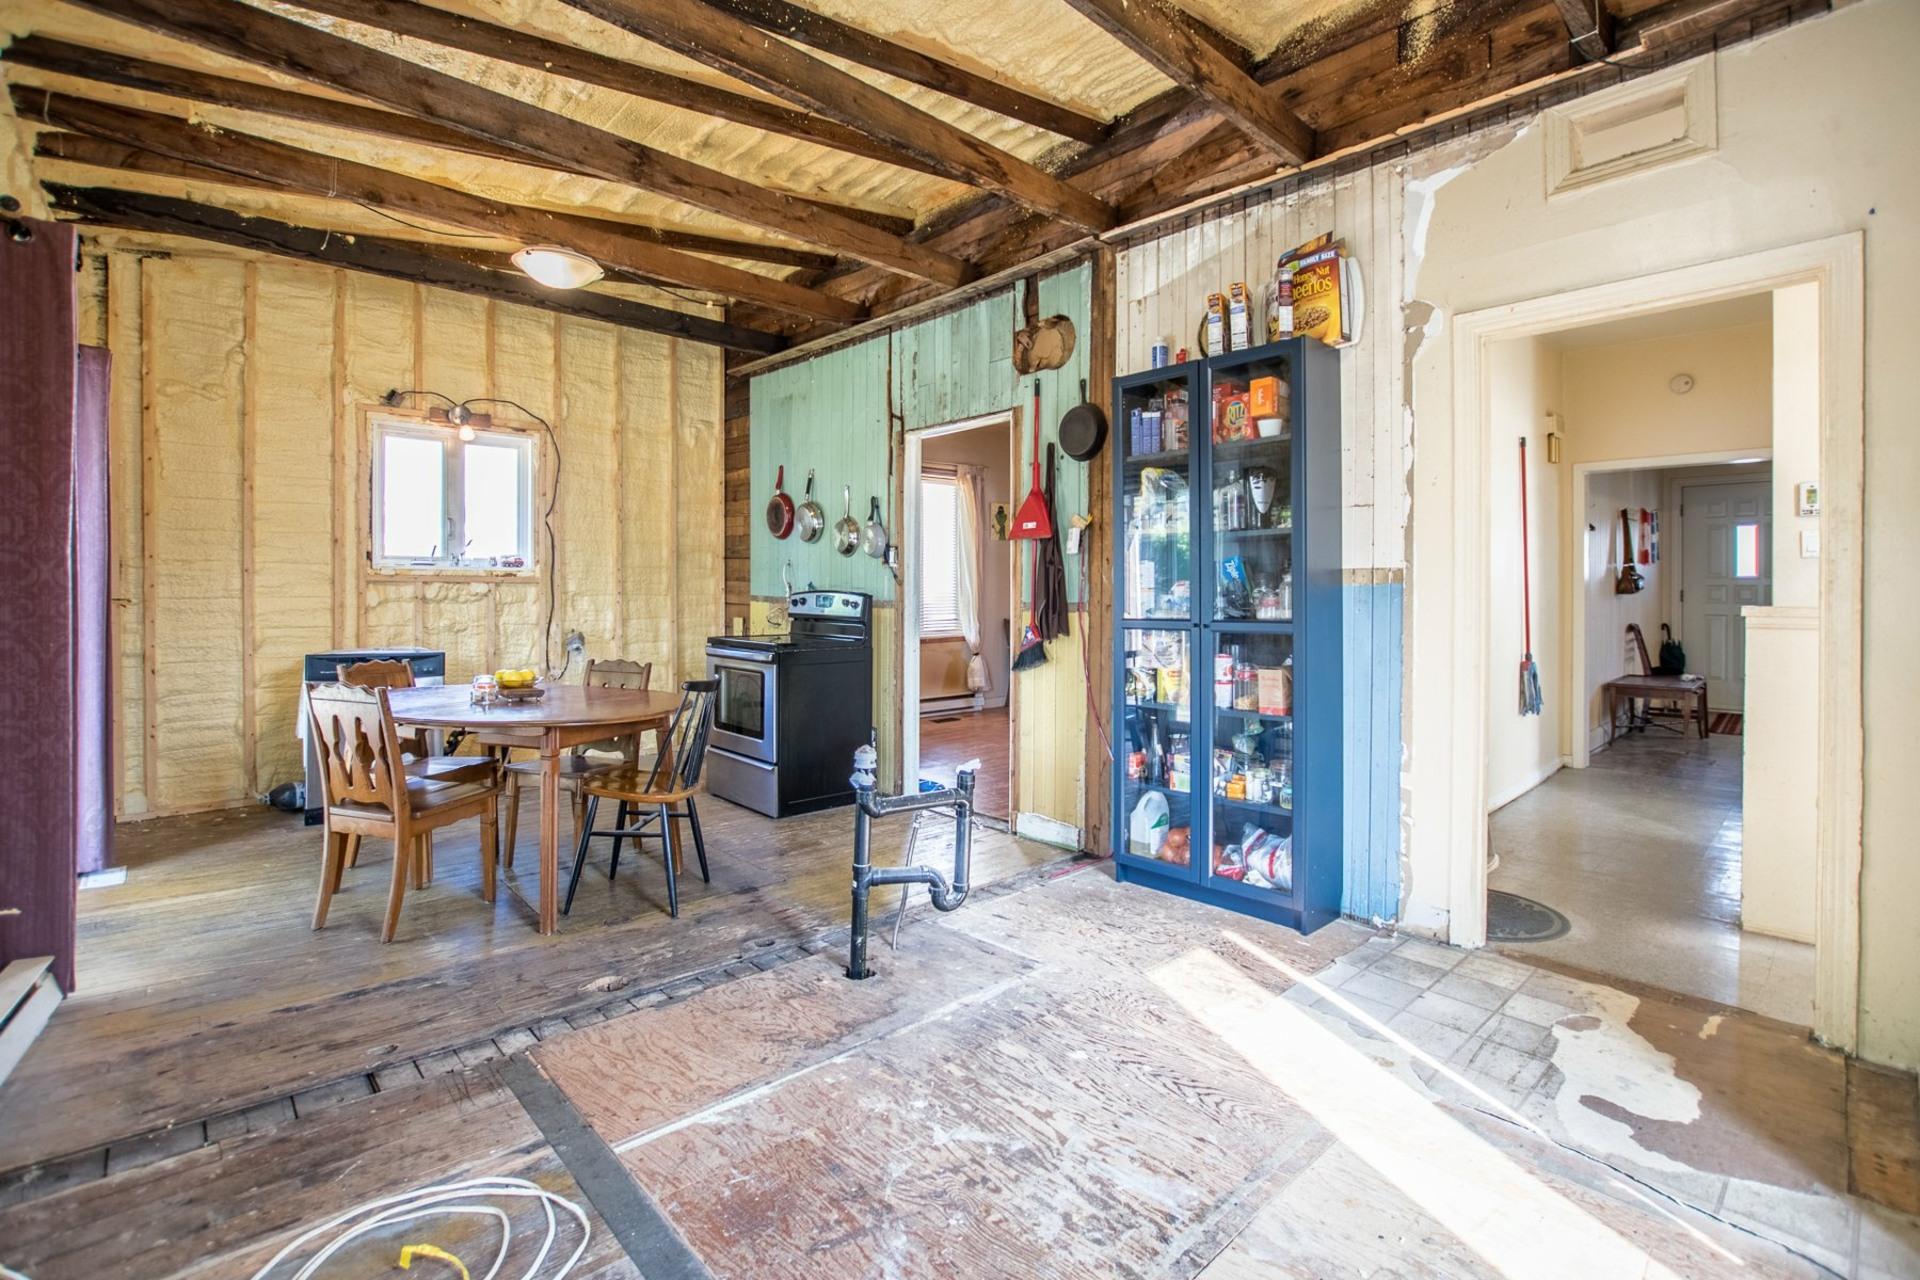 image 8 - Maison À vendre Beauharnois - 9 pièces